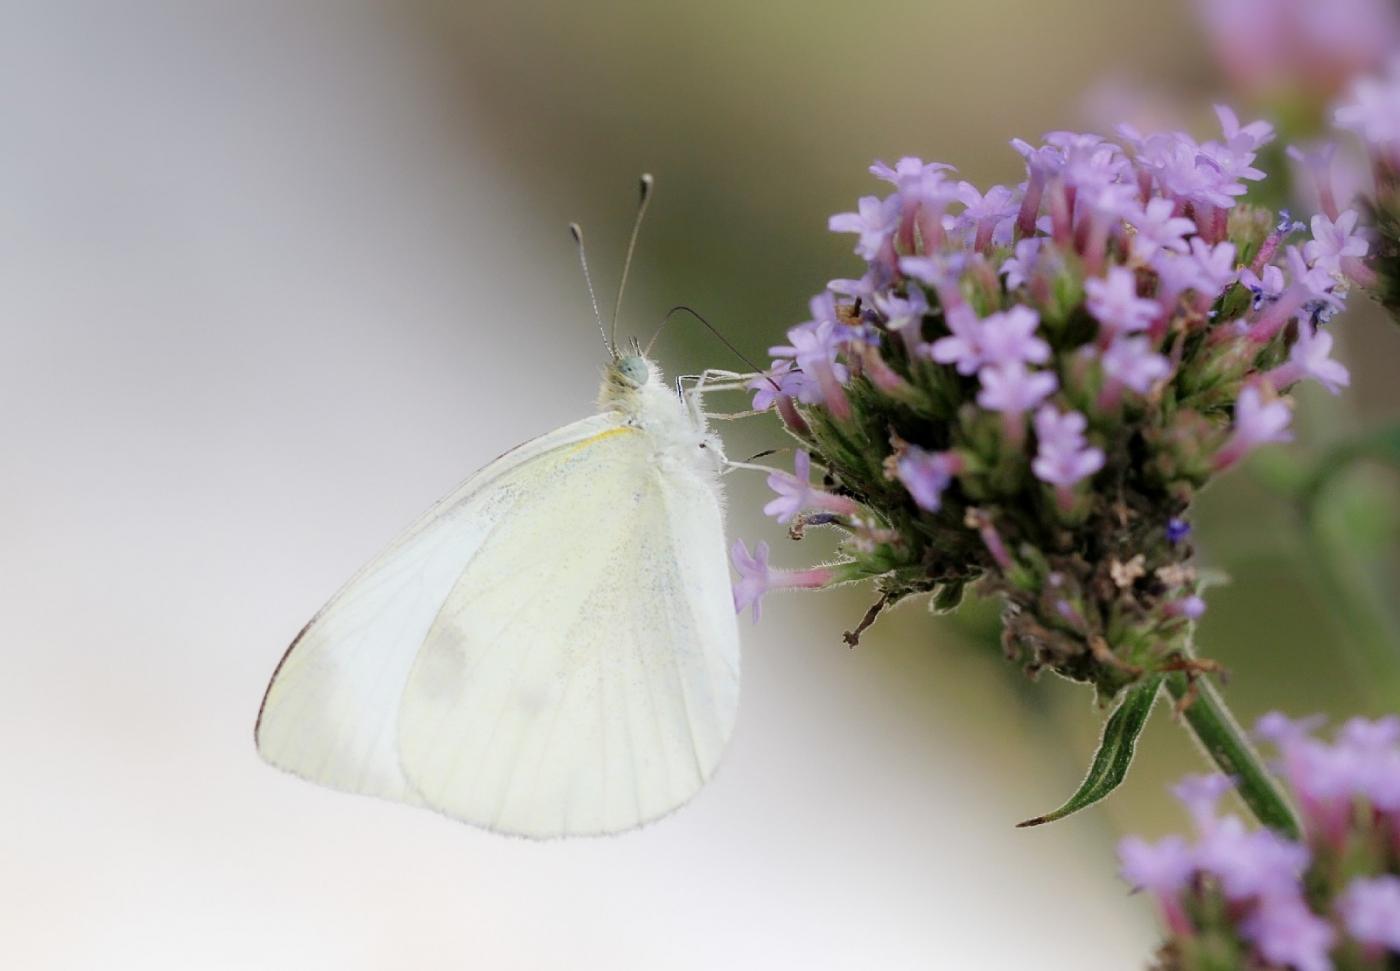 【田螺随拍】我院子里的蝴蝶_图1-4